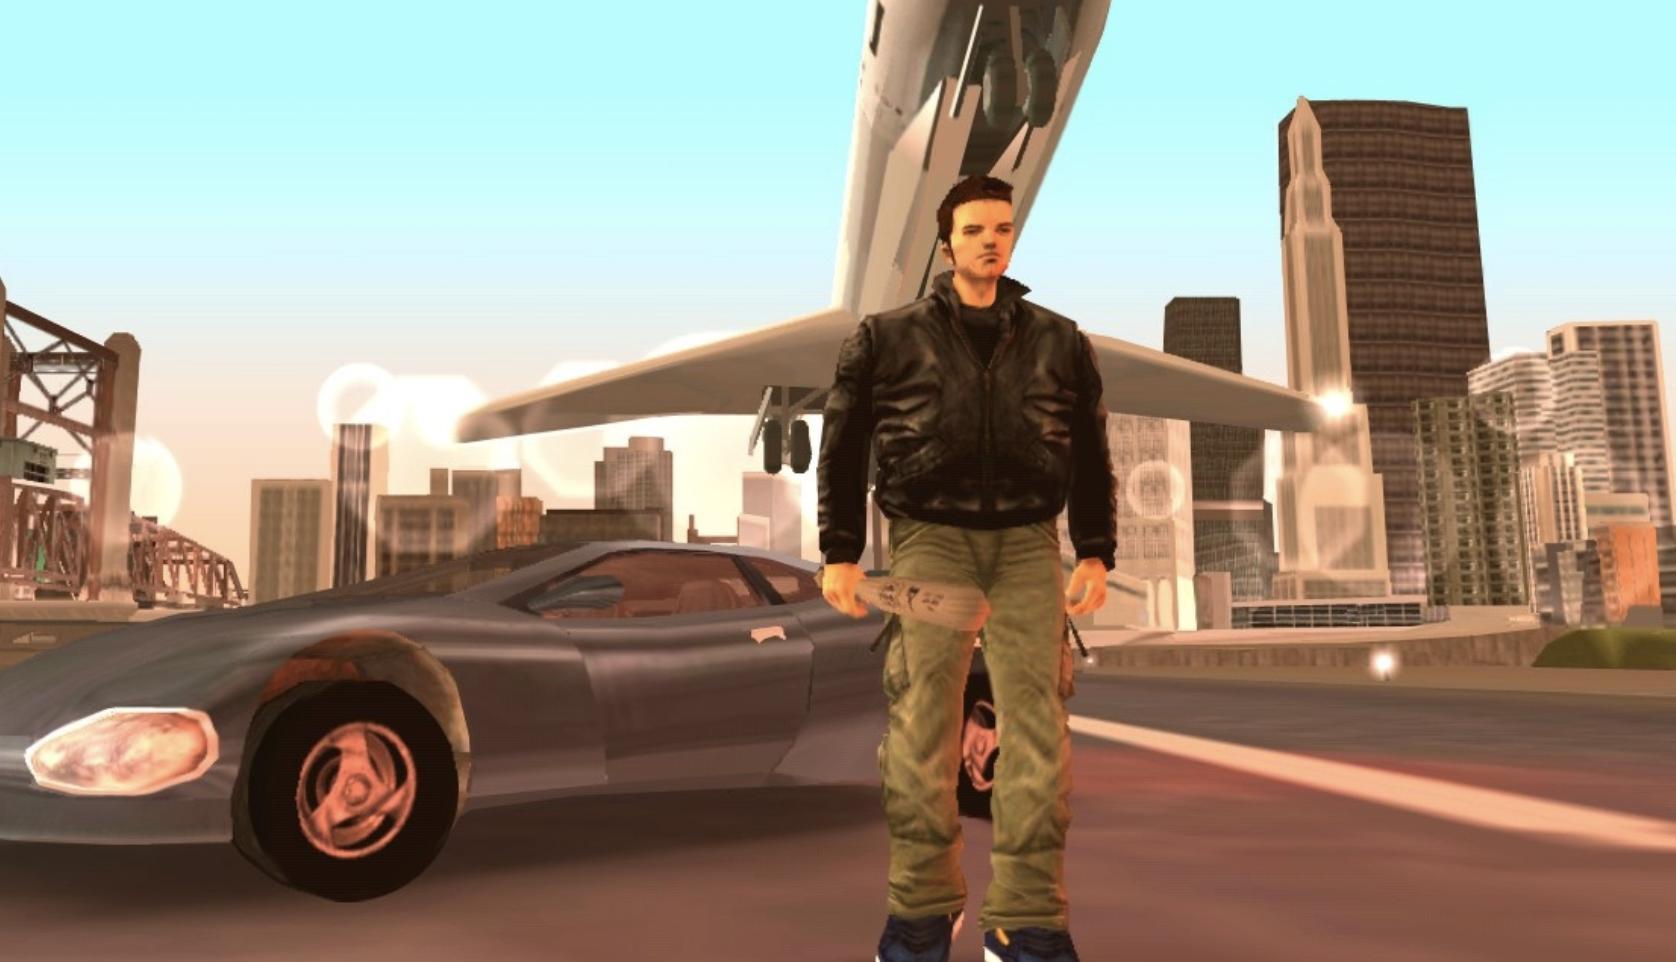 Tựa game tuổi thơ GTA 3 có bản Việt hóa hoàn chỉnh 100%